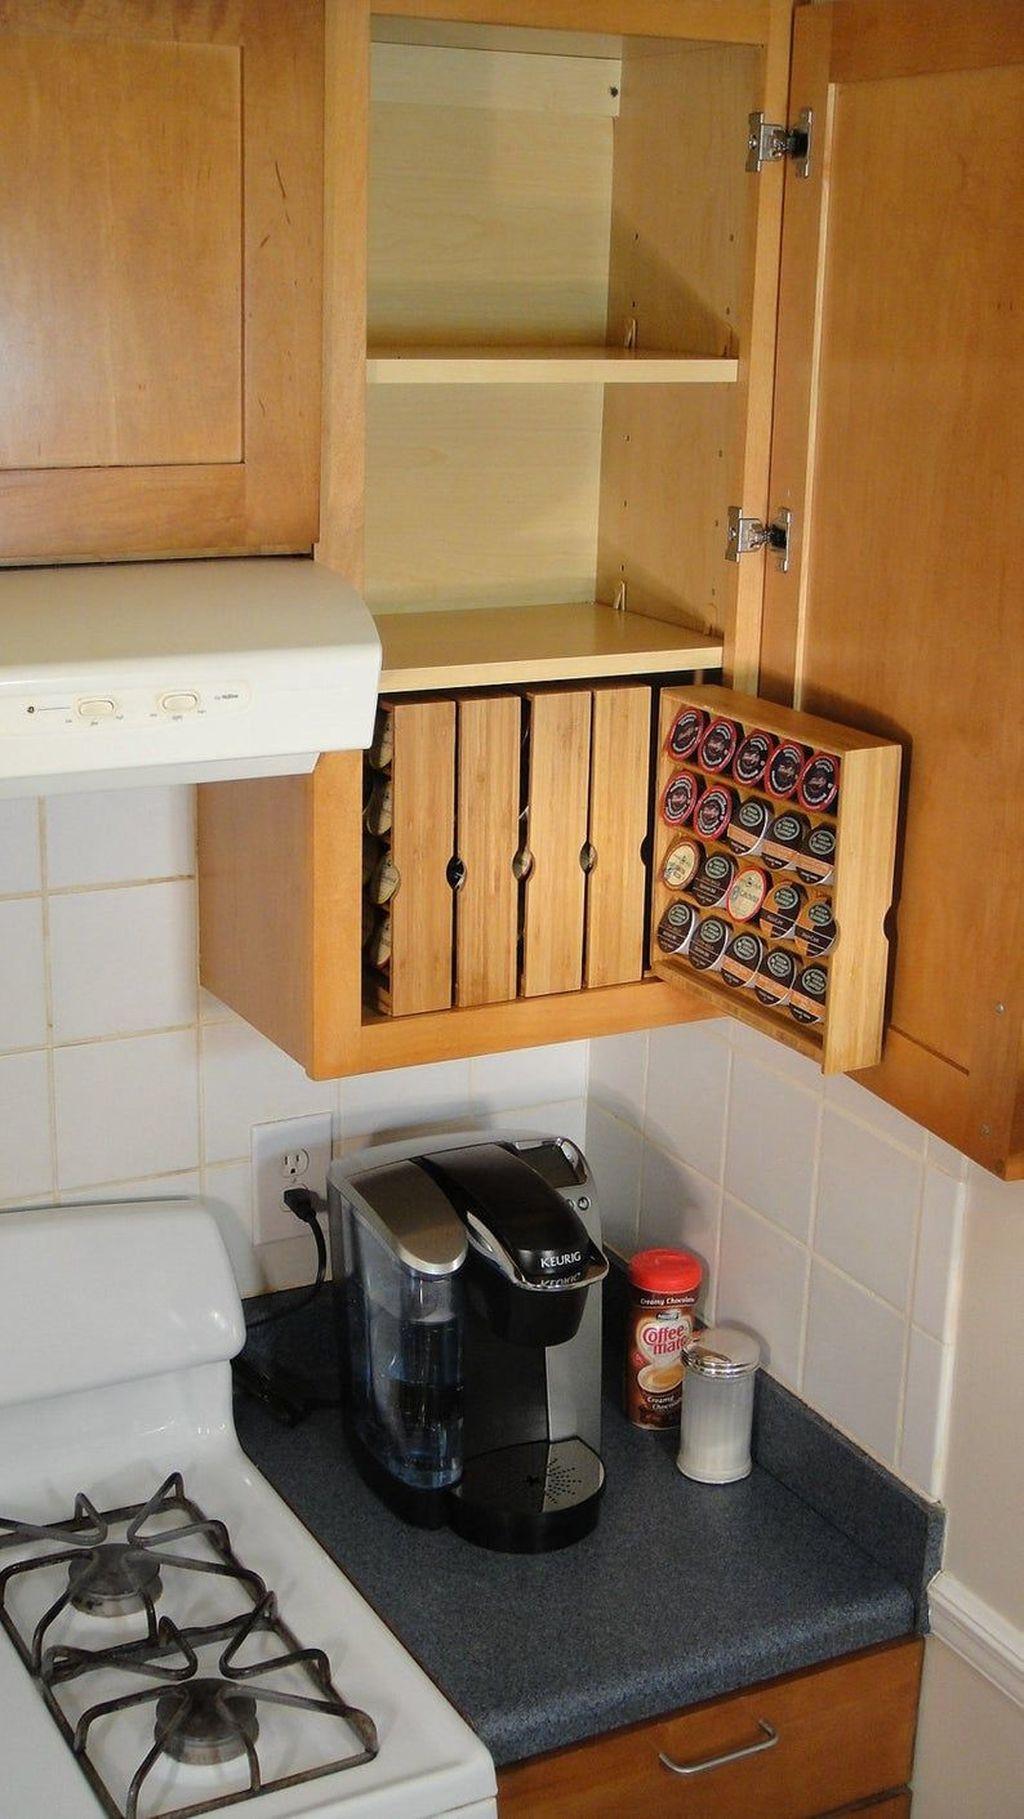 Best Design Ideas For Kitchen Organization Cabinets 07